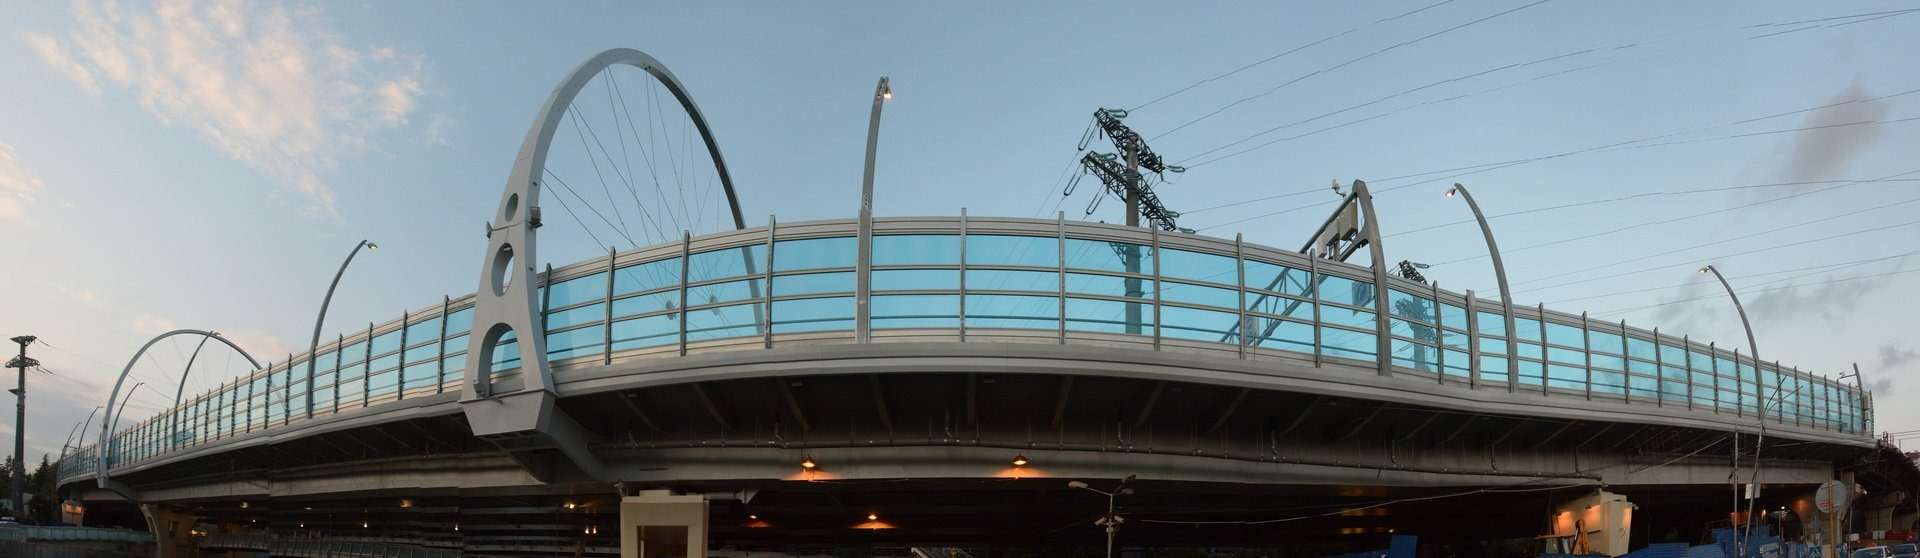 С перенагрузкой испытали новый мост встолице зимней Олимпиады. zr.ru